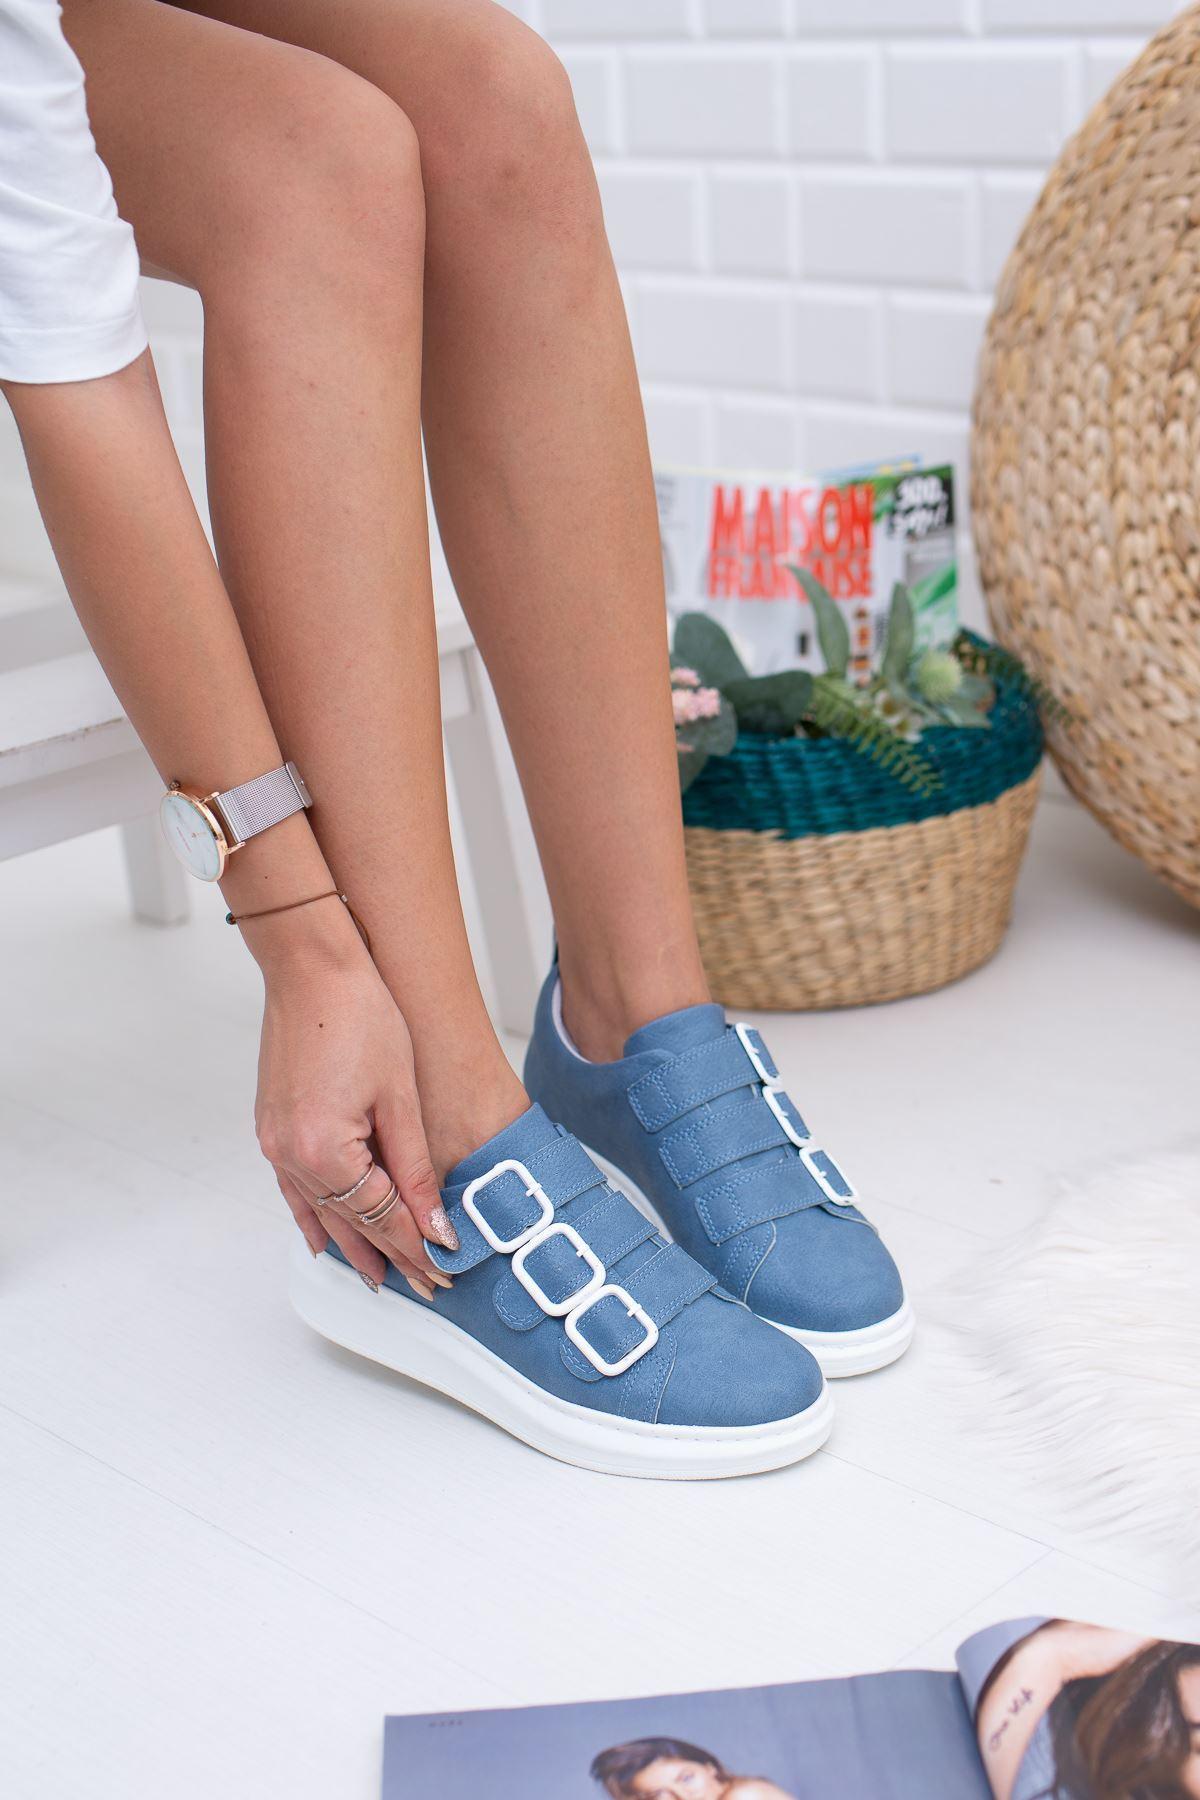 Gayle Mavi Kadın Sneakers